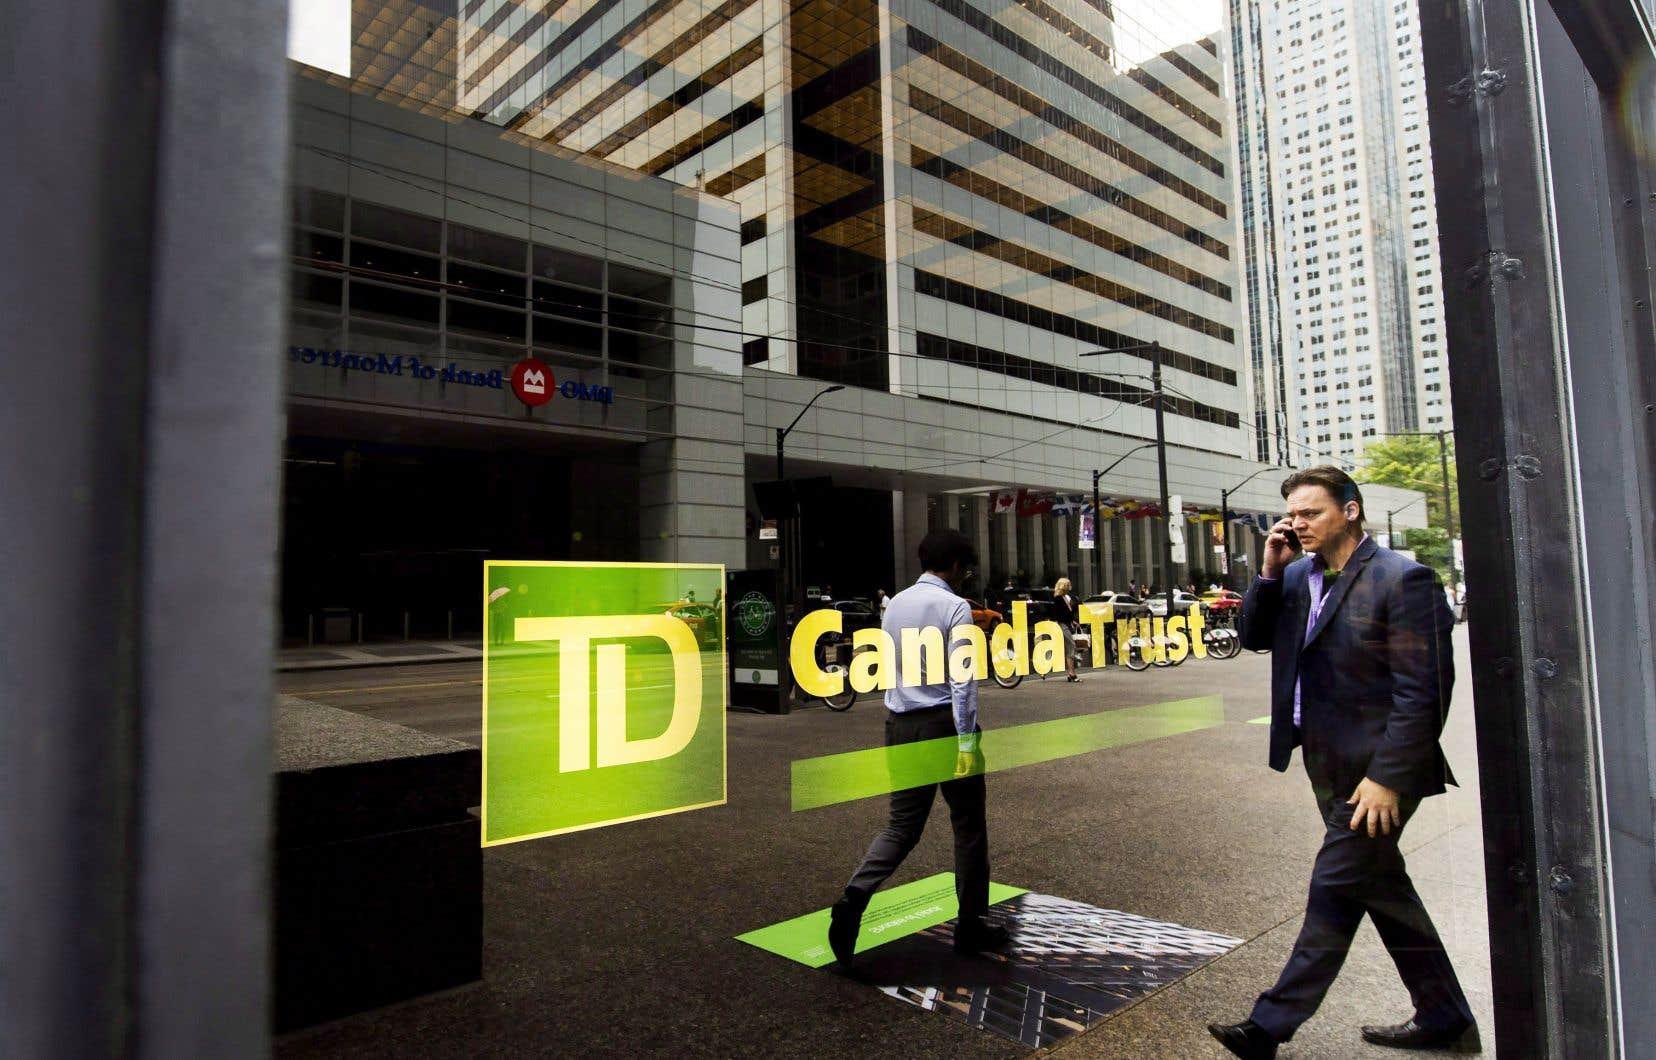 L'action de la Banque TD a reculé de 2,4% pour clôturer jeudi à 73,24$ à la Bourse de Toronto.